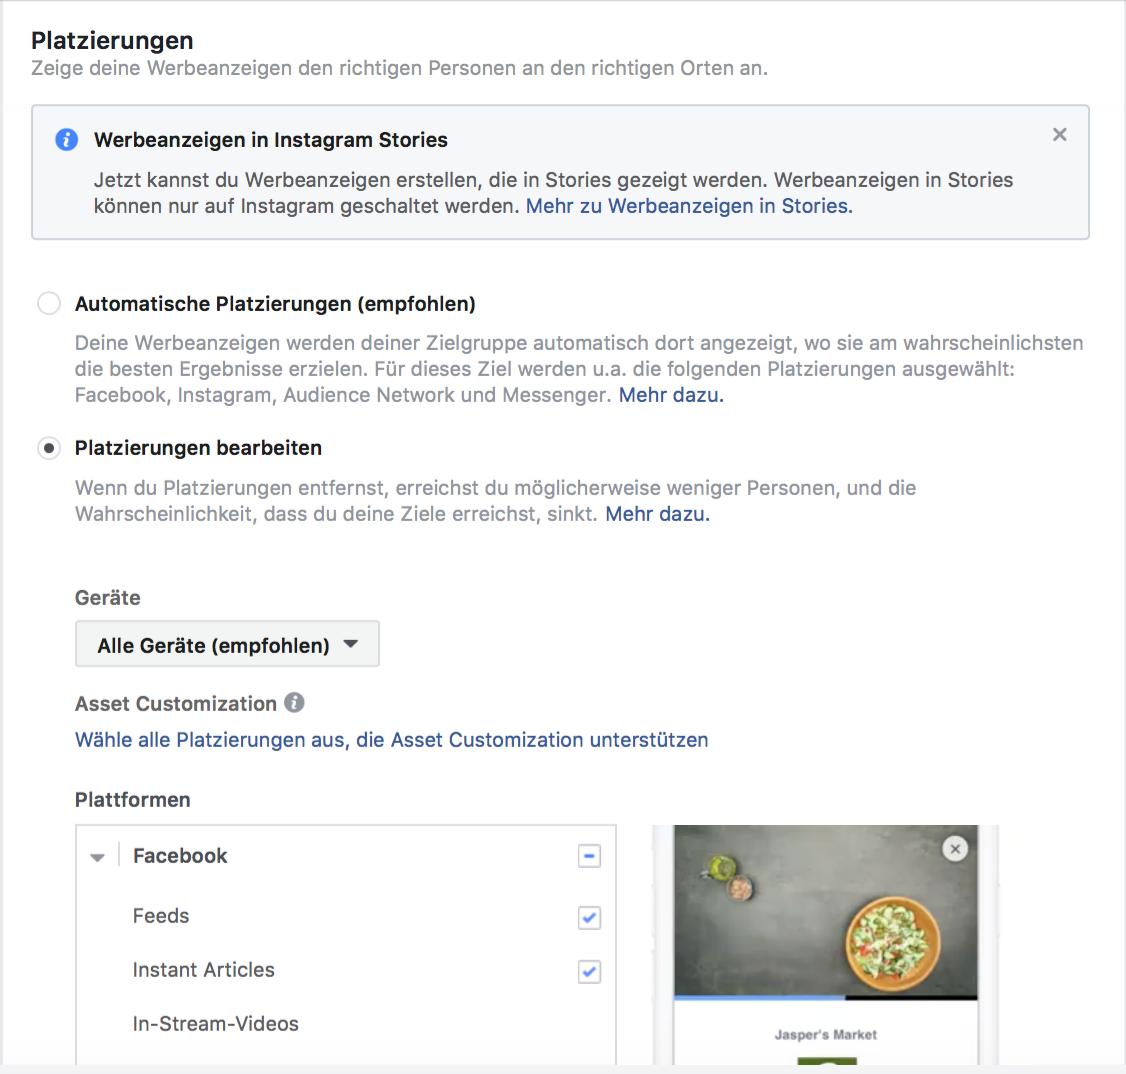 Platzierungen in den Facebook Anzeigen auswählen